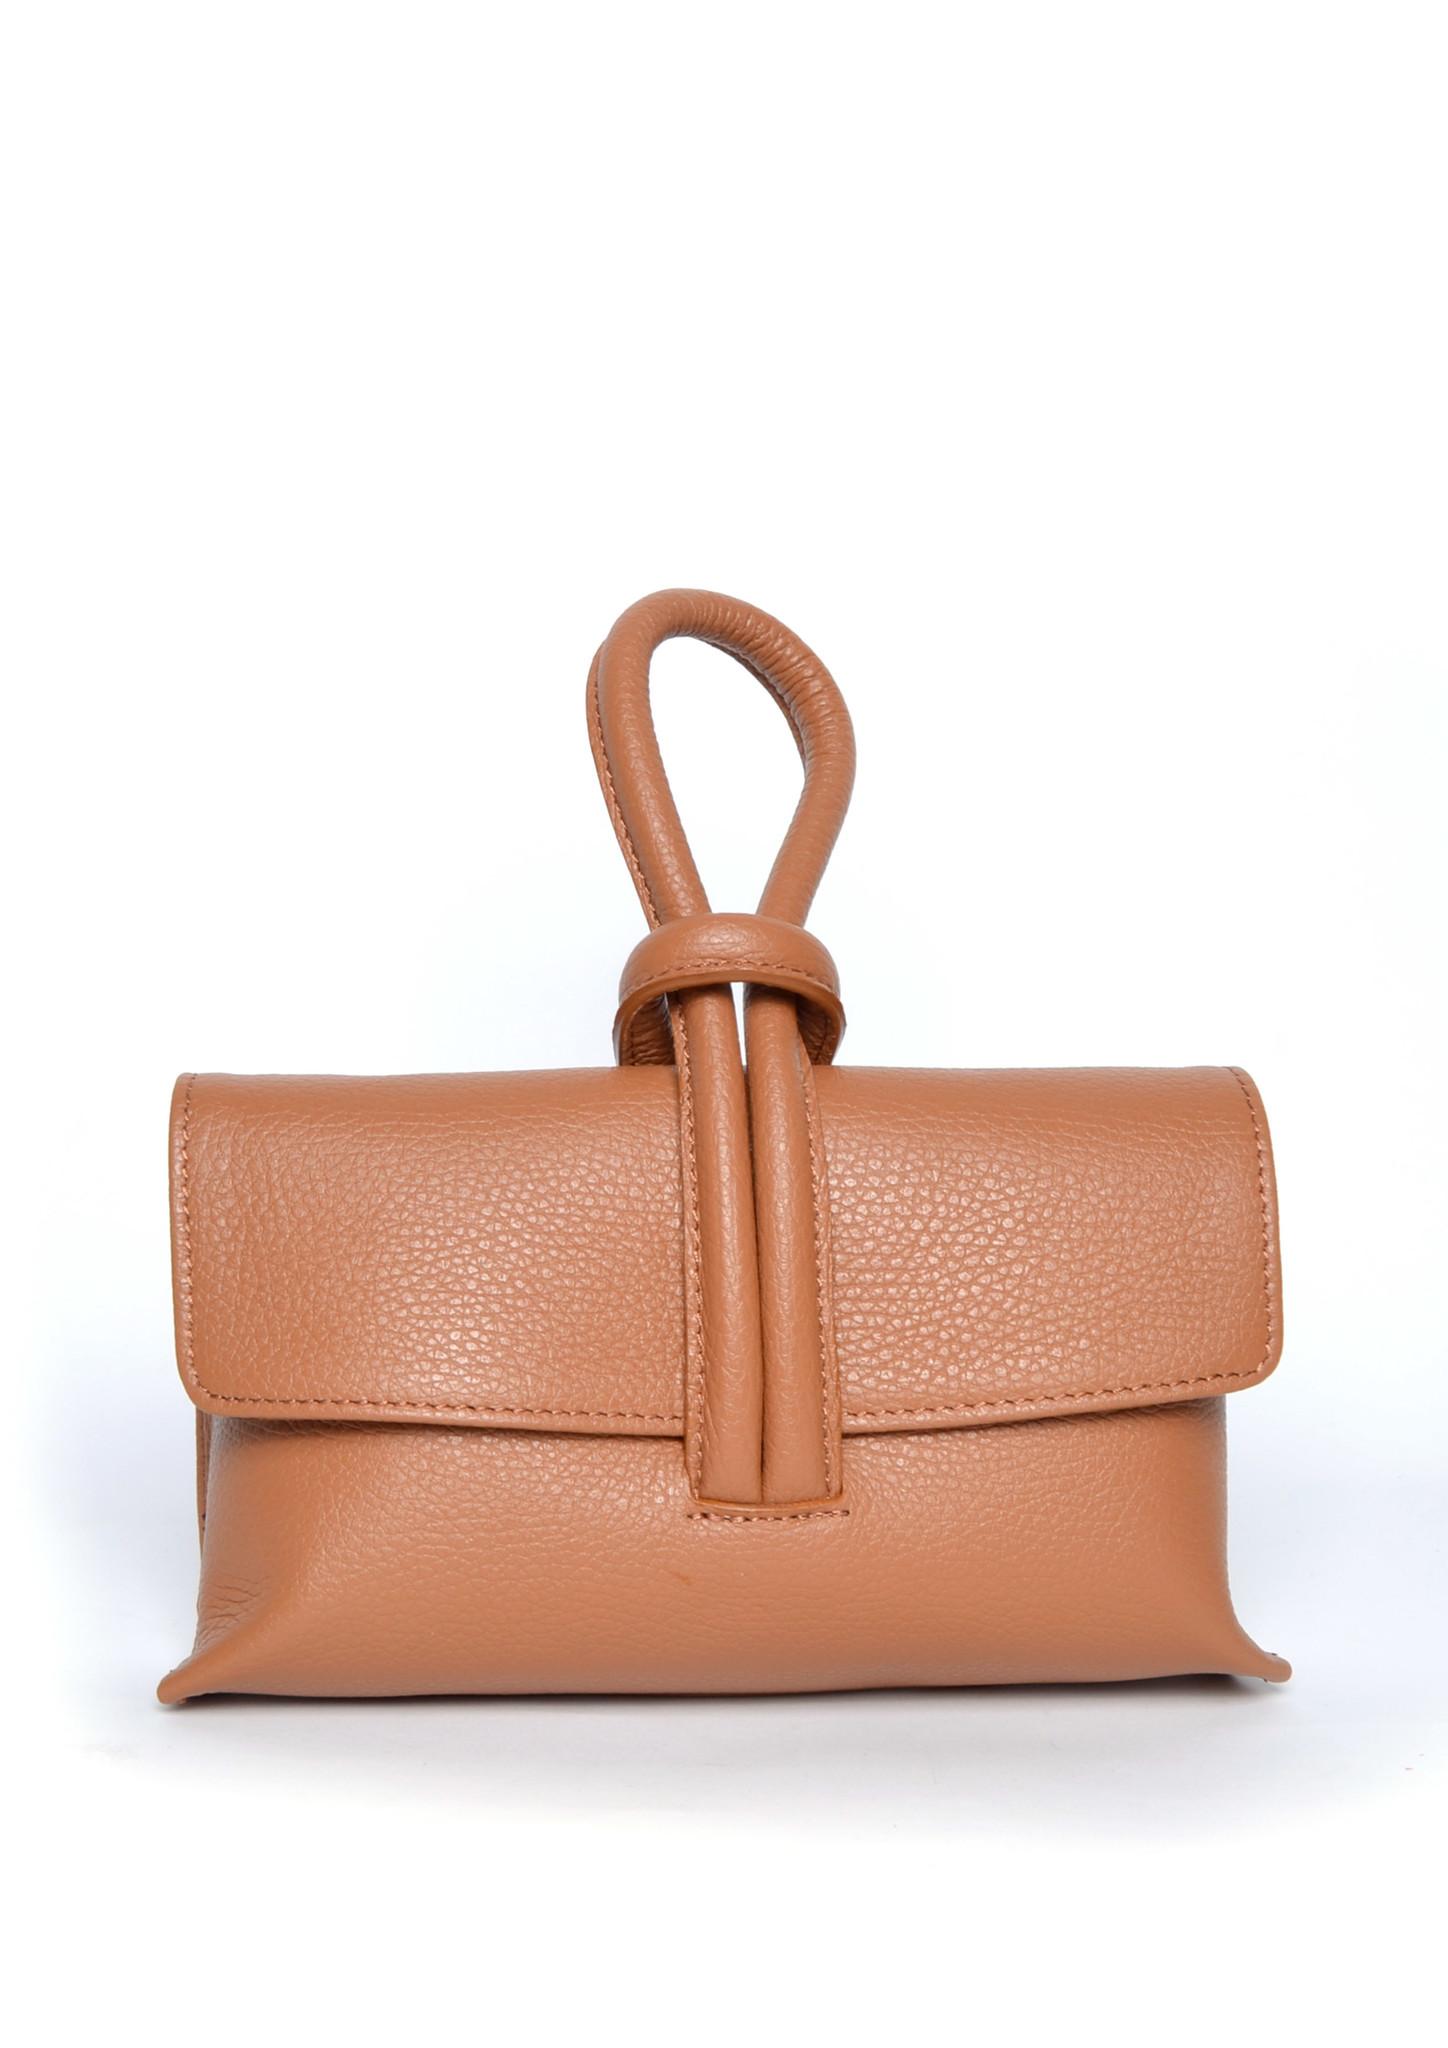 Leren Schoudertas Sandy camel cognac schoudertassen look a like tassen trendy musthave fashion tas giuliano kopen bestellen